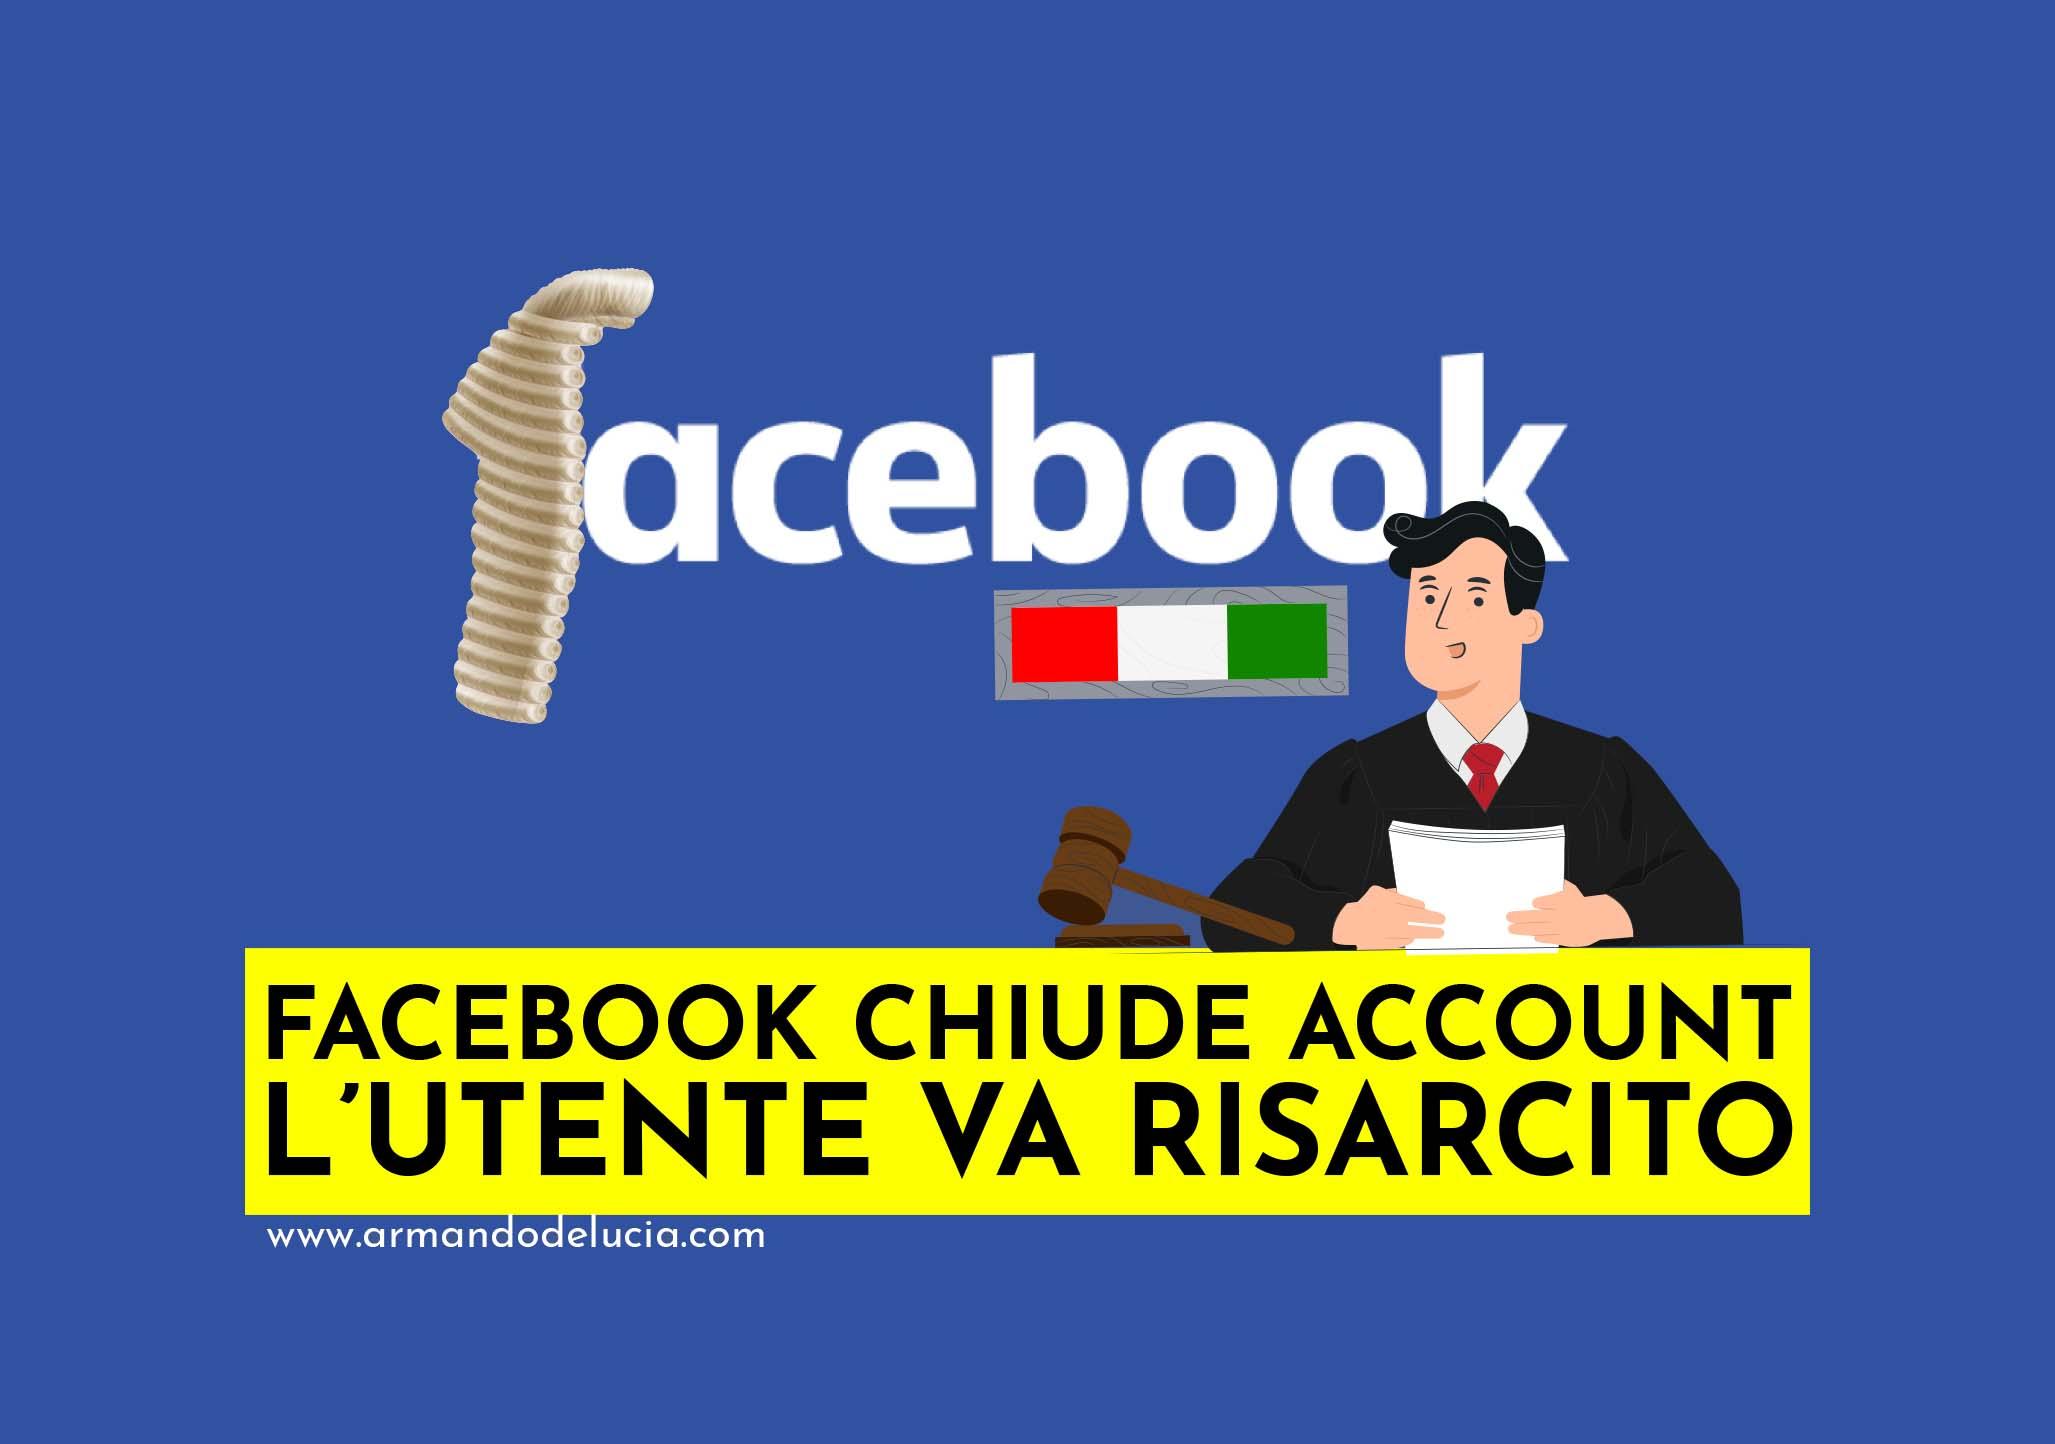 Se Facebook chiude il profilo, l'utente va risarcito